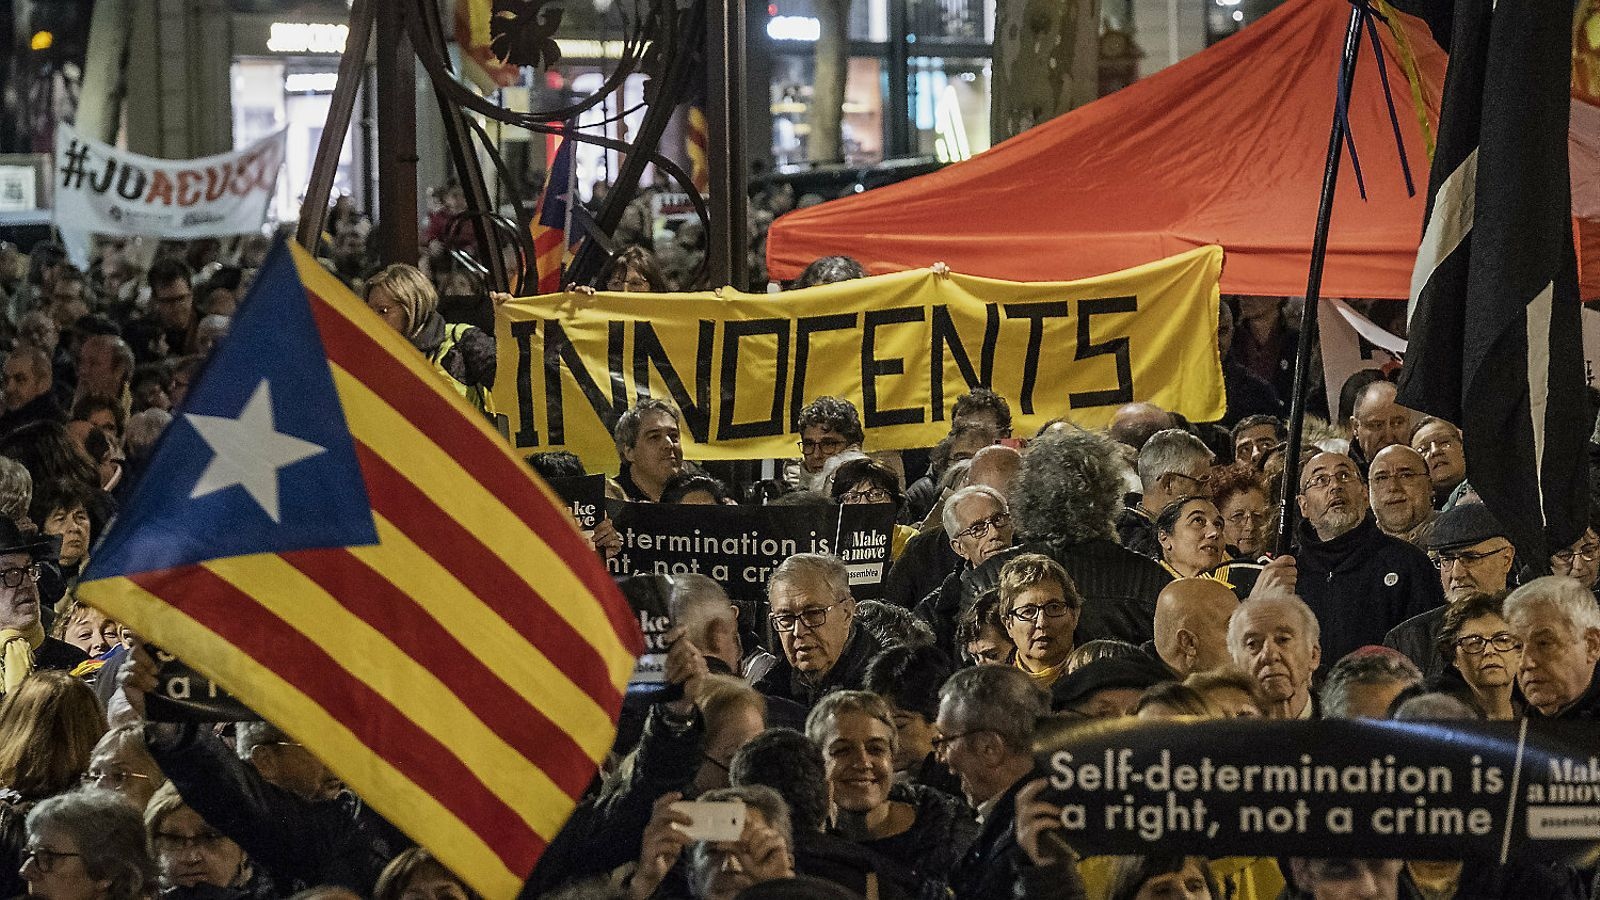 El 70,3% dels catalans consideren injustos la presó i l'exili